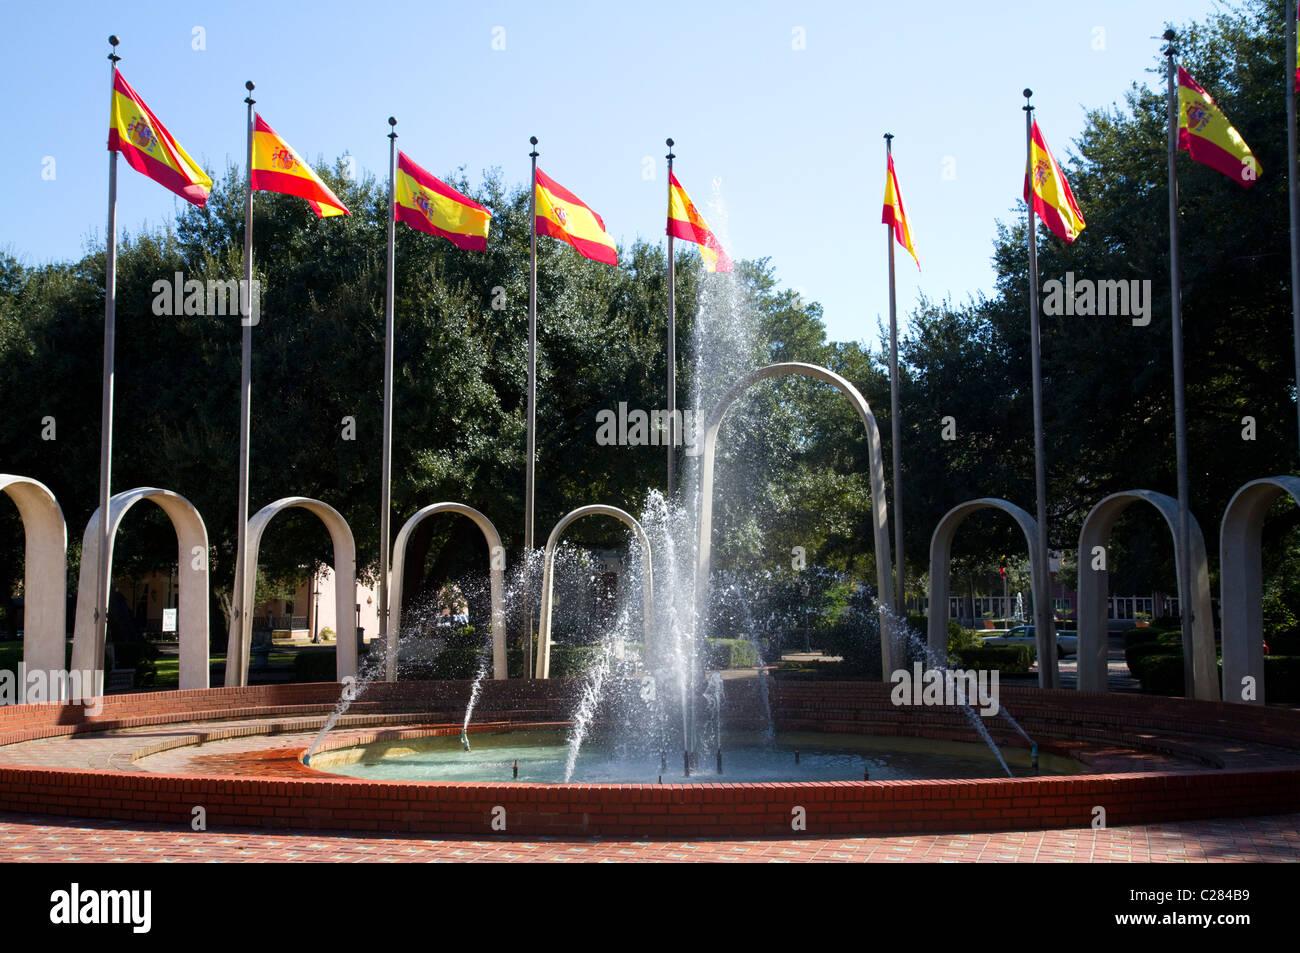 La Plaza de España es un céntrico parque que honra la ocupación española de Mobile, Alabama, Estados Unidos. Foto de stock